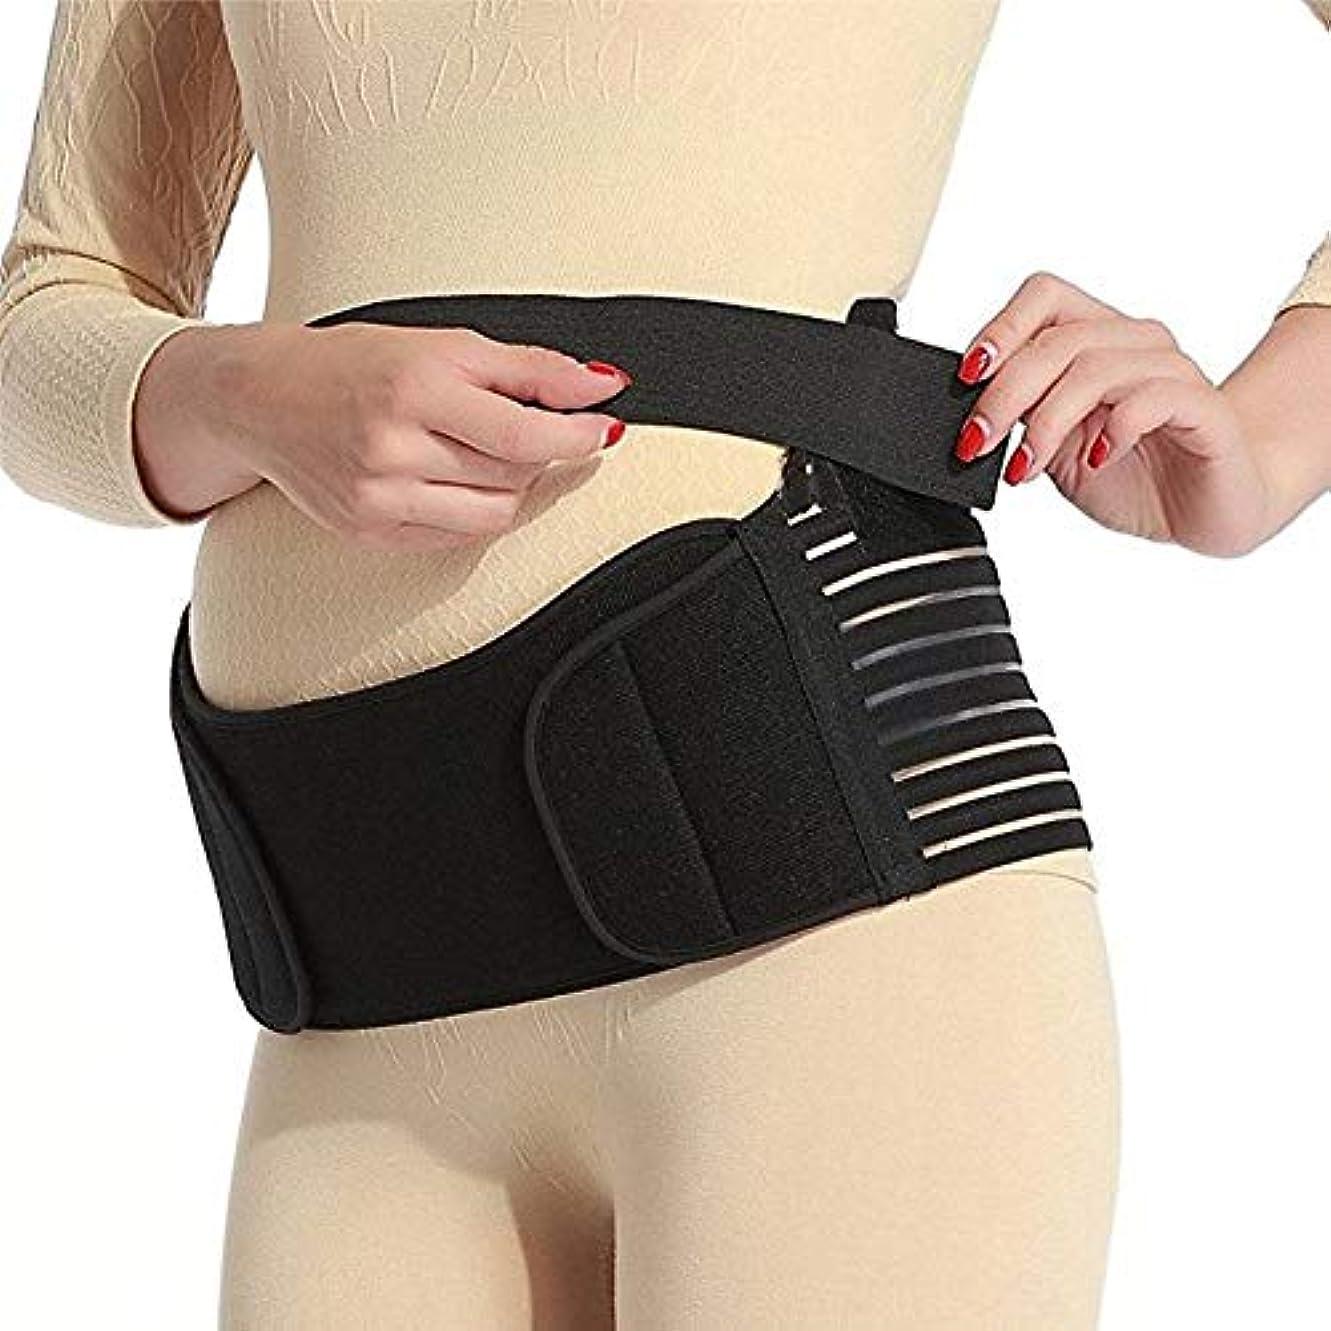 断言する比較的適格通気性マタニティベルト妊娠中の腹部サポート腹部バインダーガードル運動包帯産後の回復shapewear - ブラックM